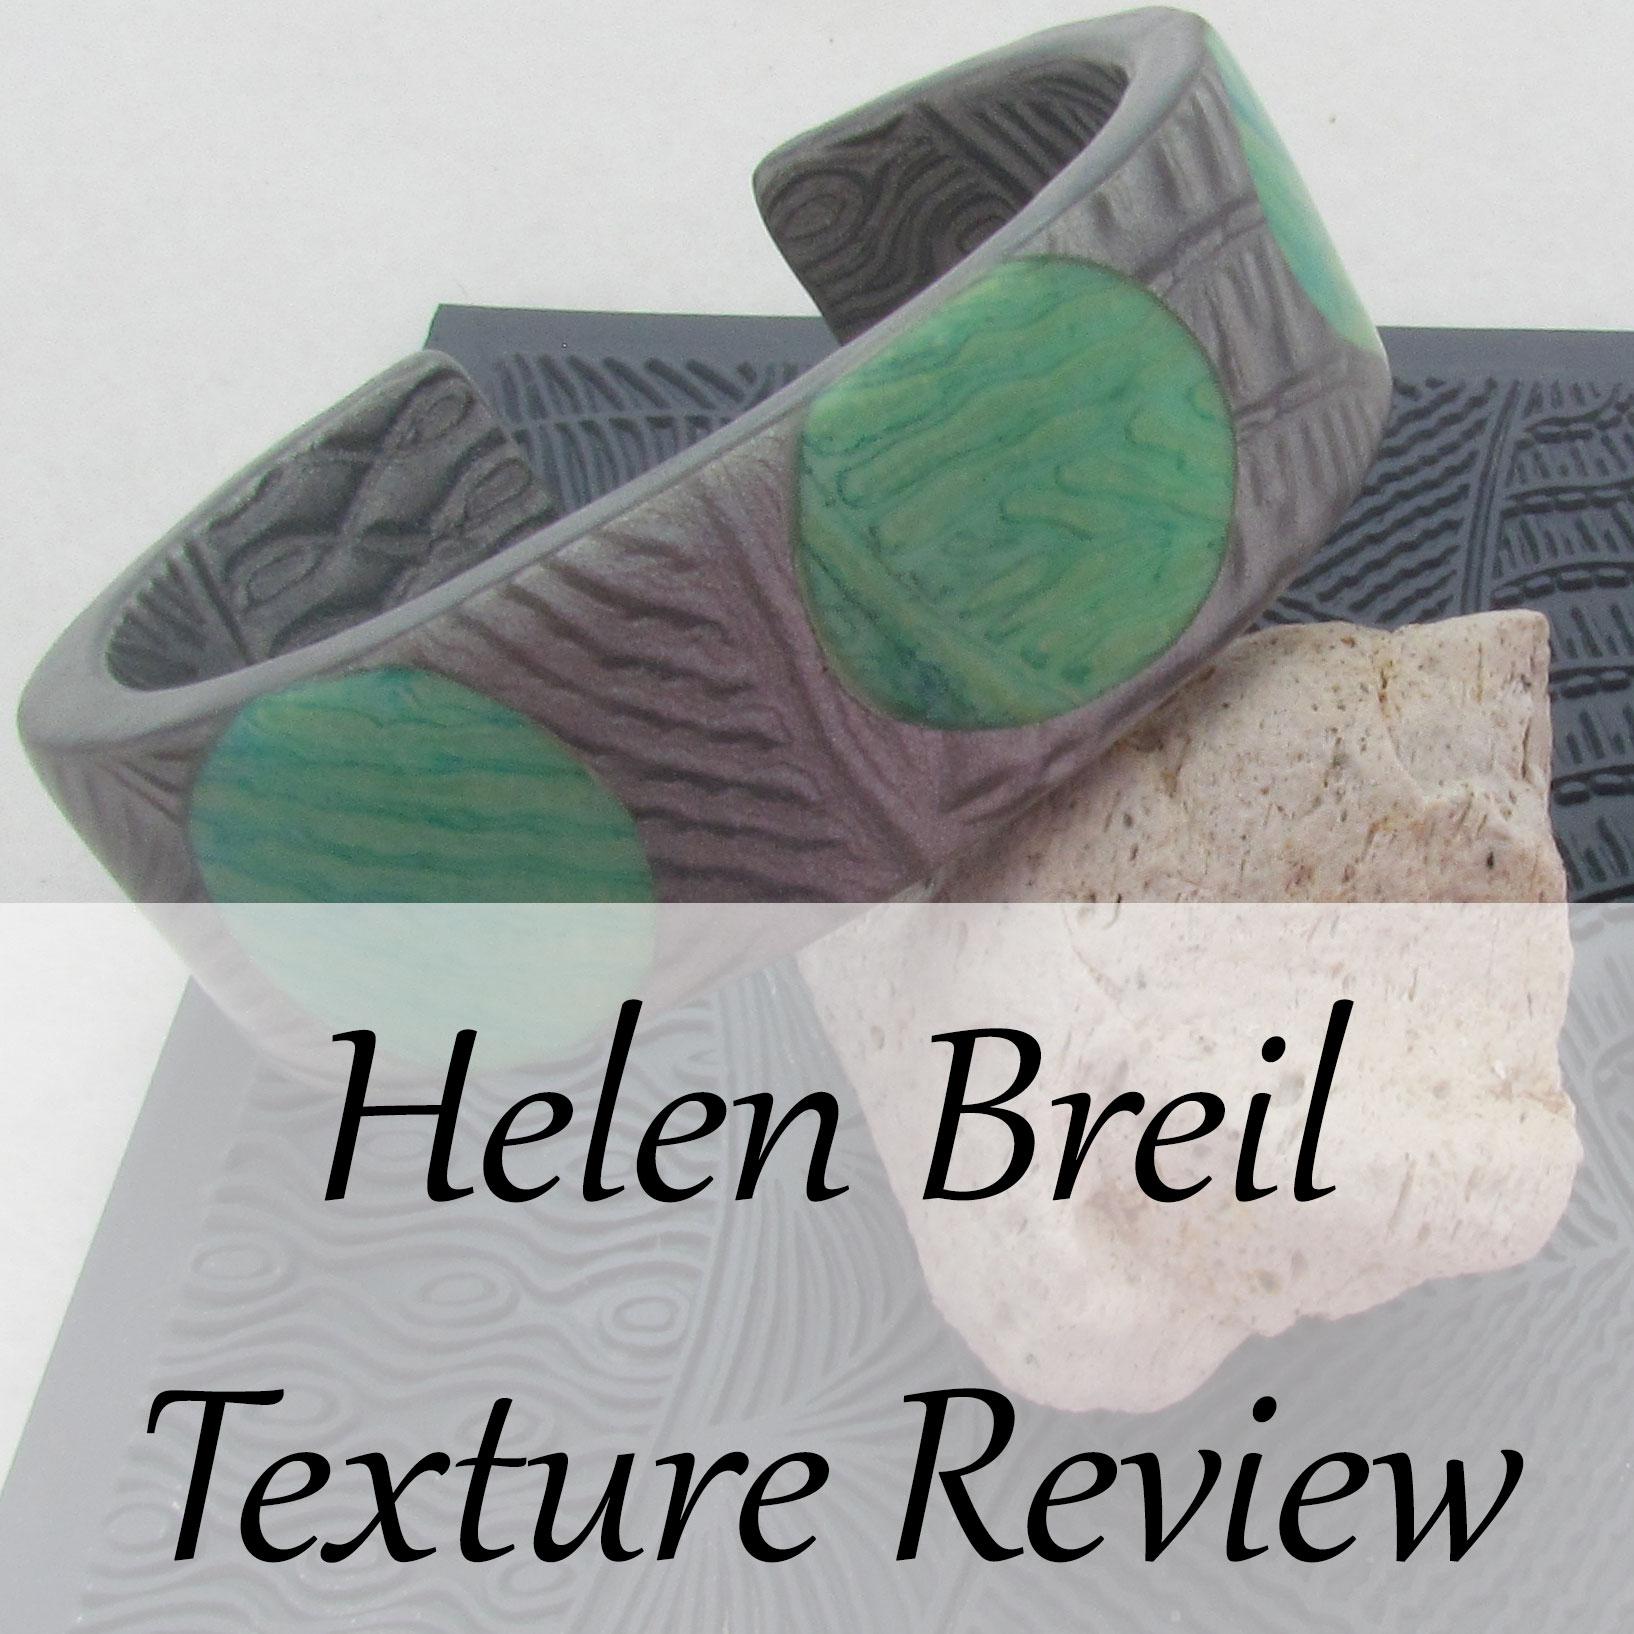 Helen Breil Texture Review